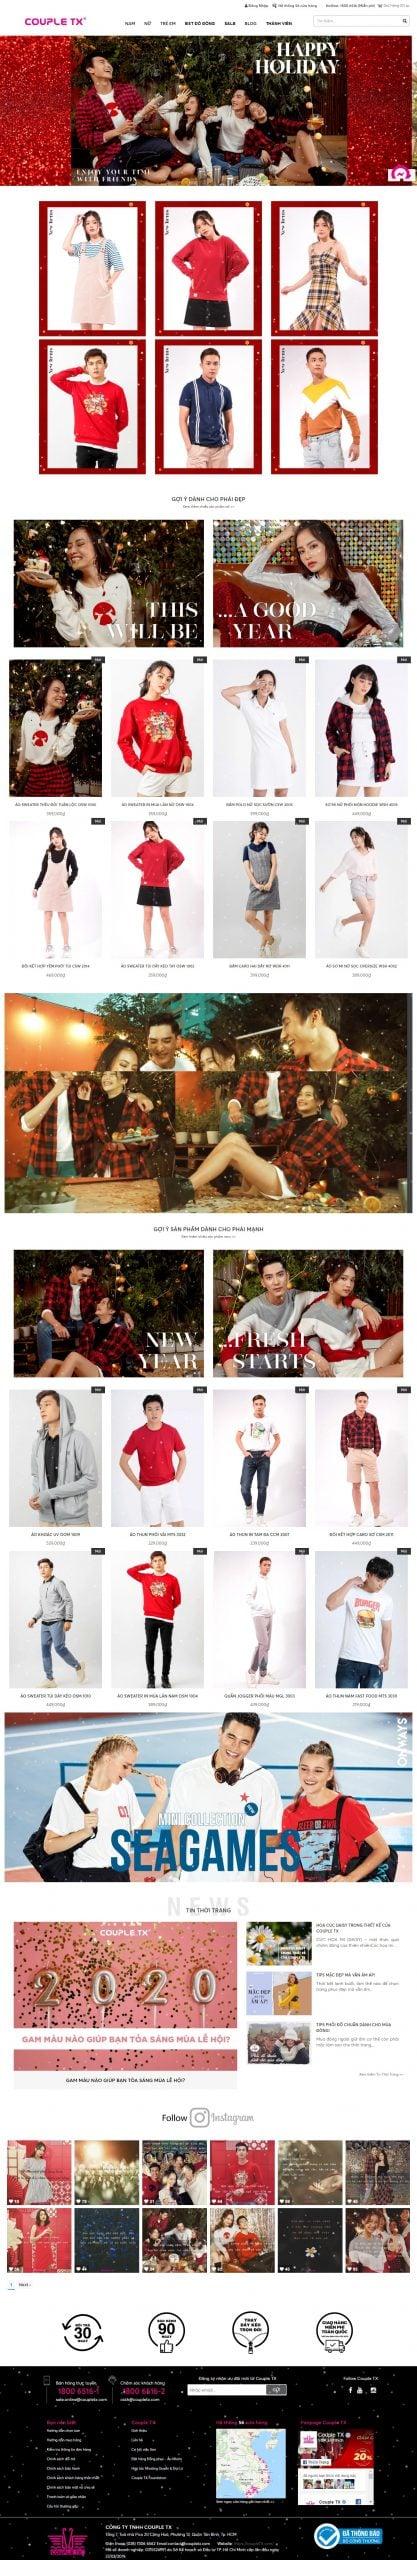 Mẫu thiết kế website bán hàng Couple TX – Thương hiệu thời trang Nam, Nữ-coupletx.com